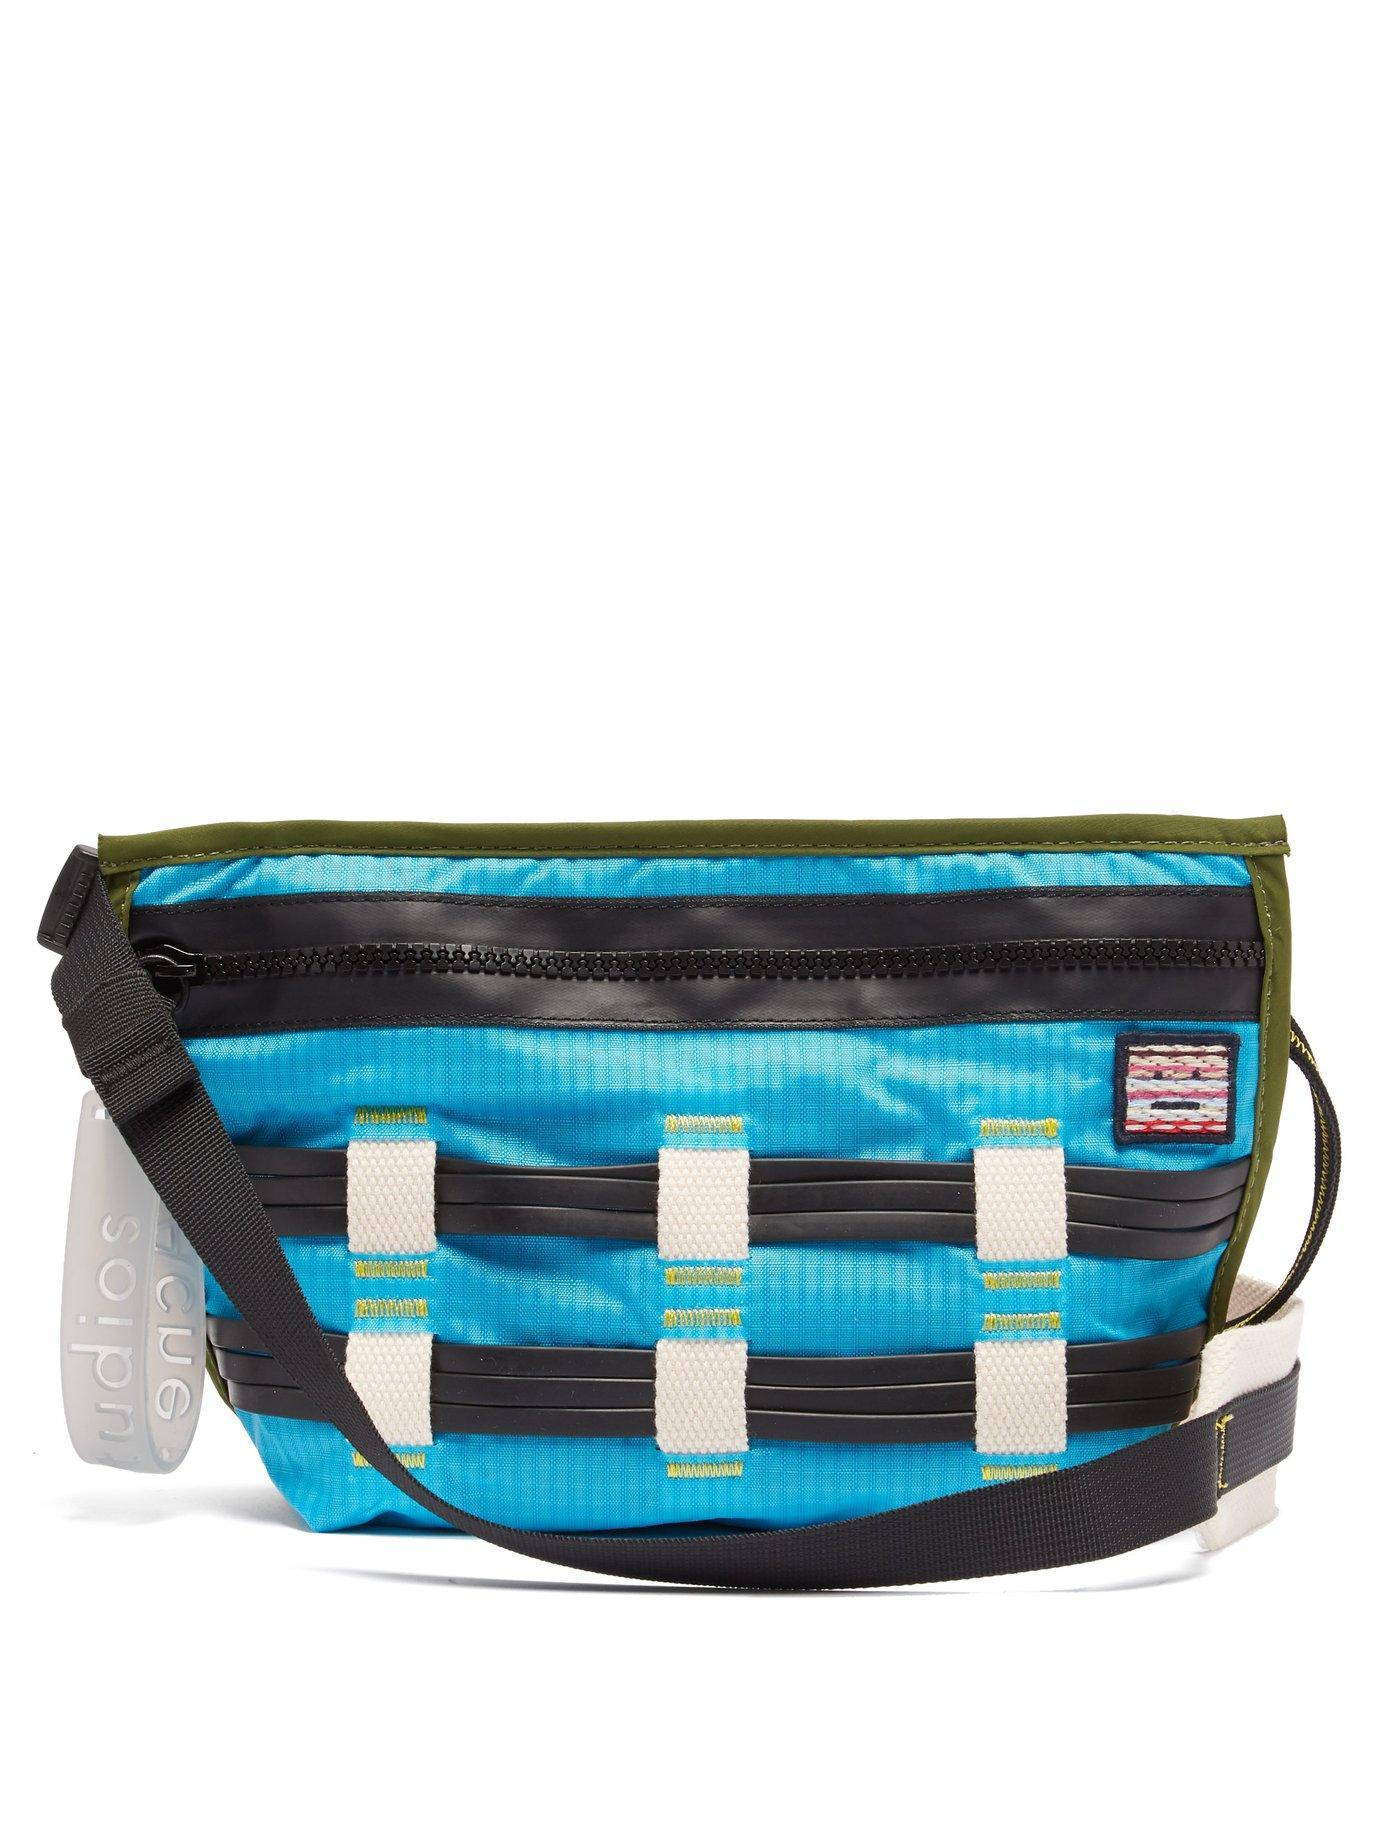 Lyst - Acne Studios Rubber Weave Cross Body Bag in Blue for Men e86952e407d73